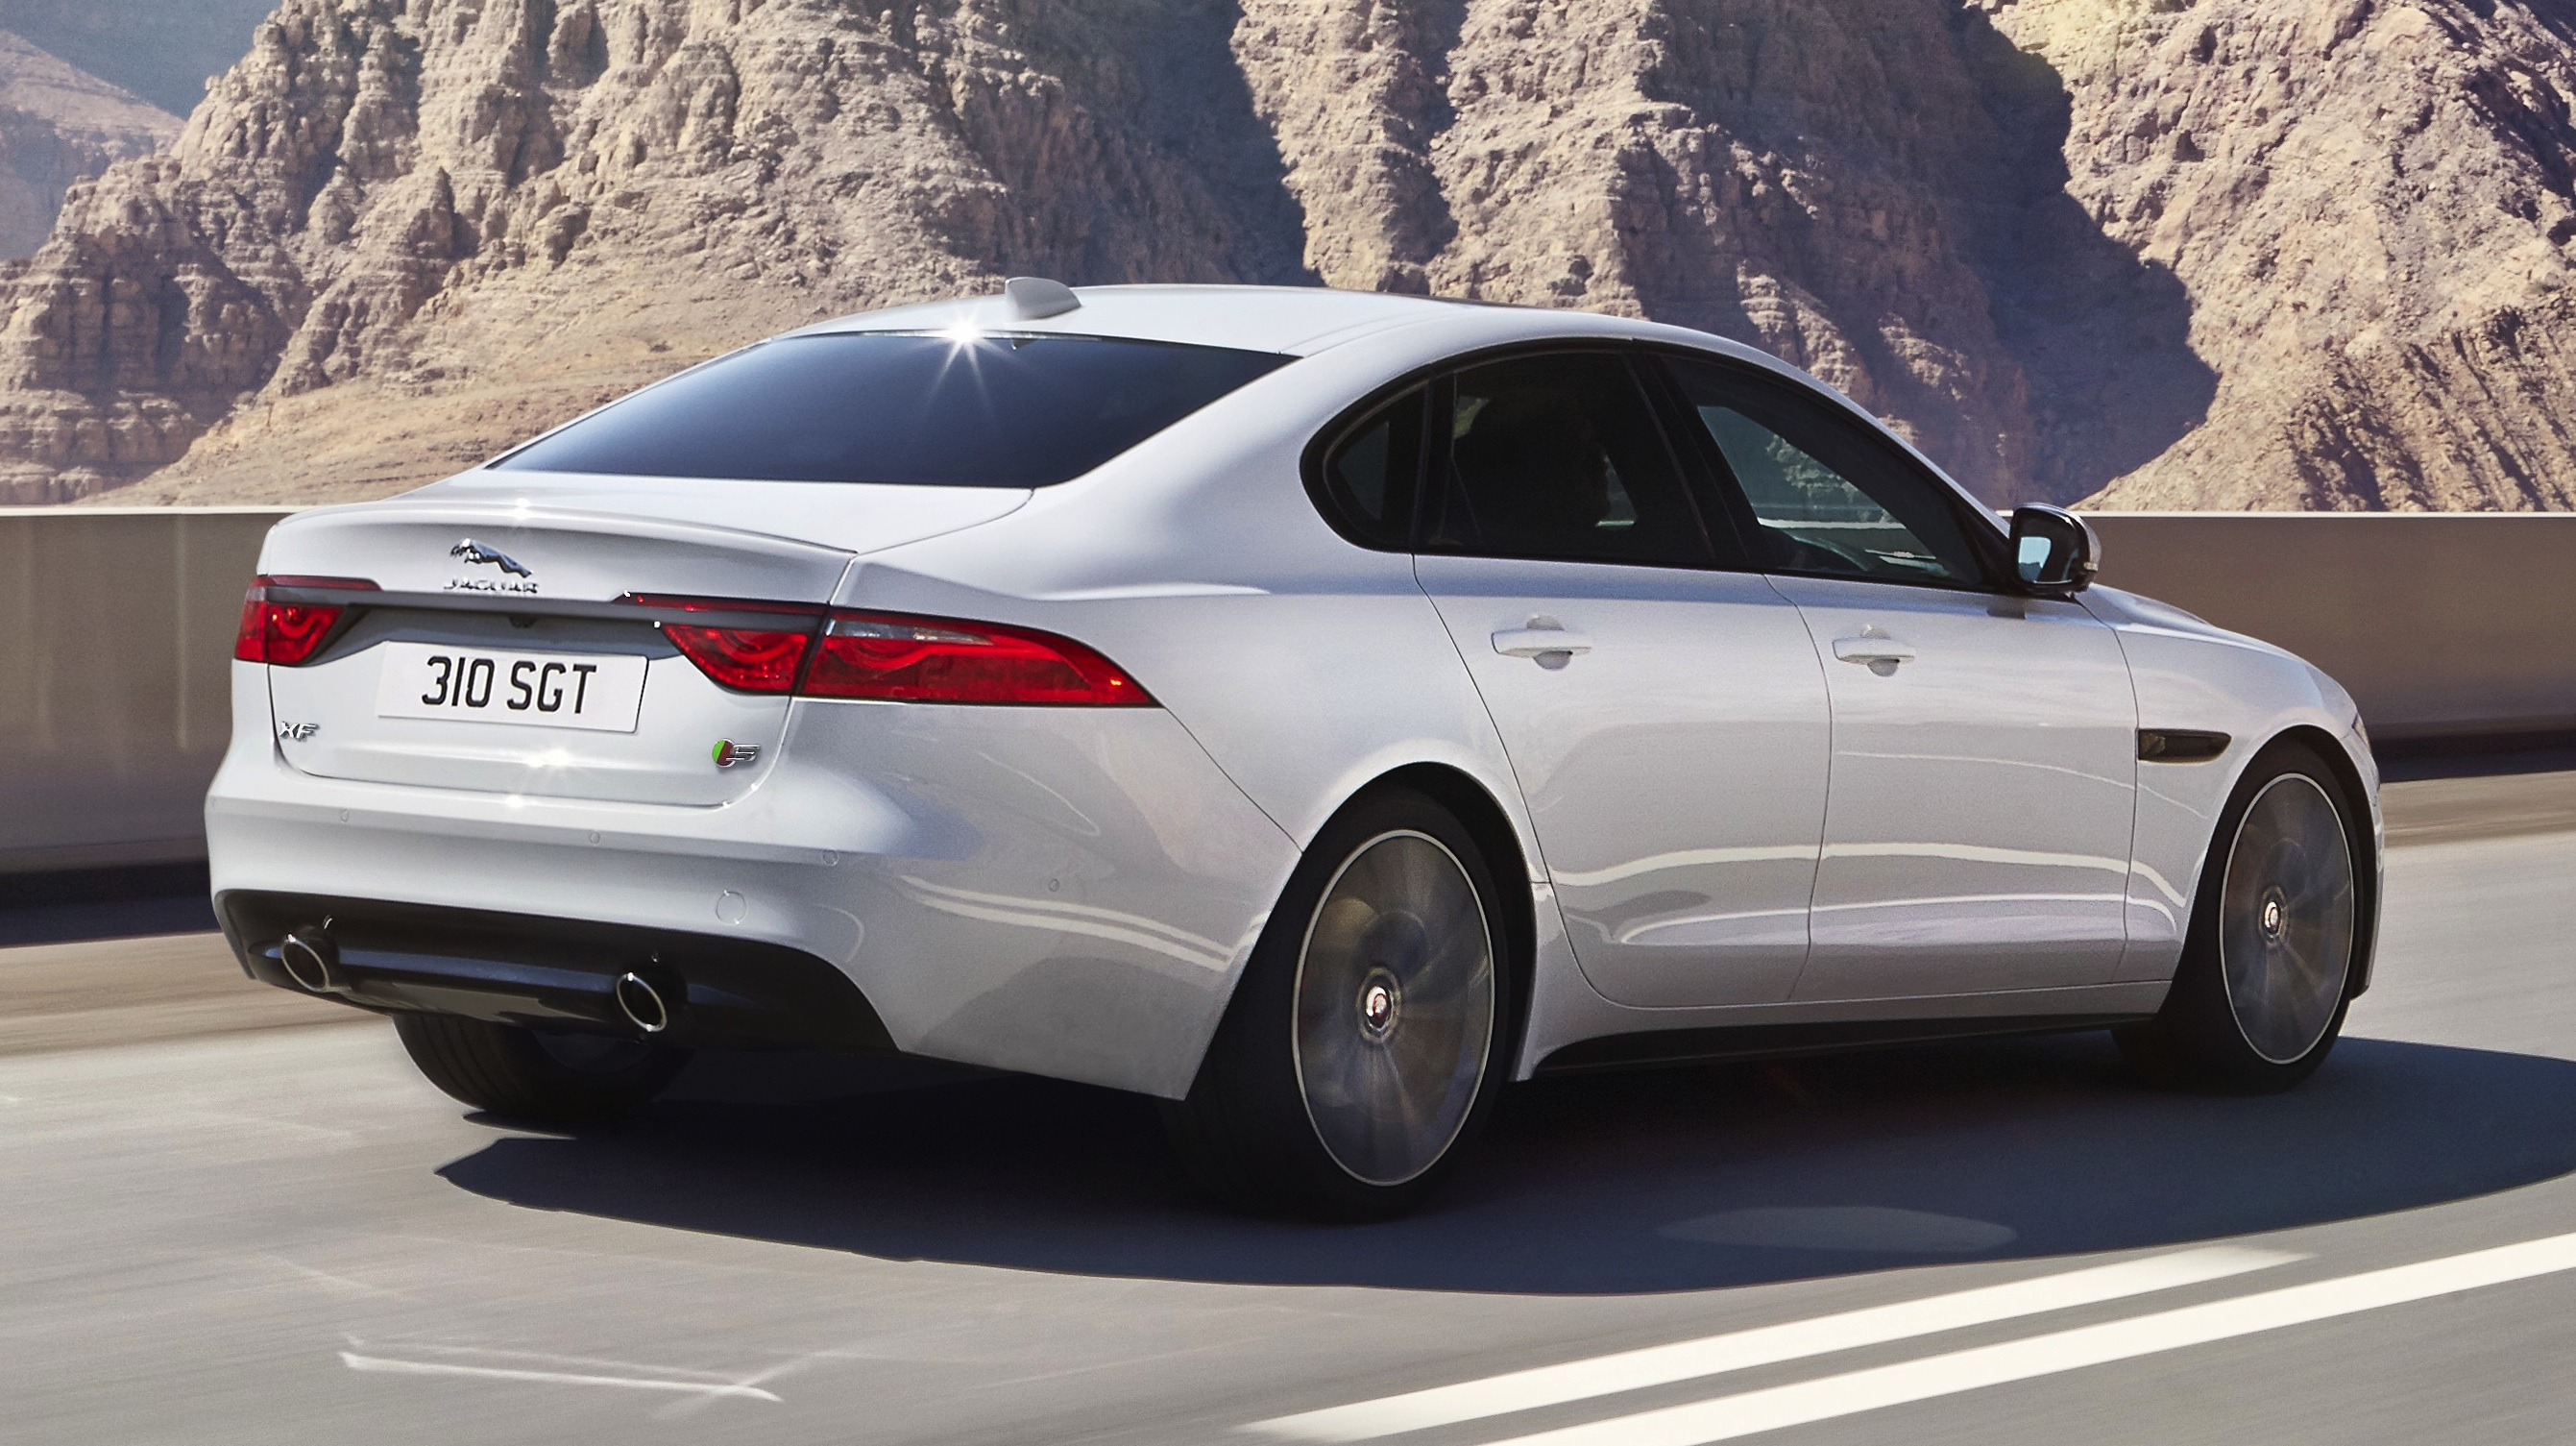 2016-jaguar-xf-rear-three-quarter-zoom-in